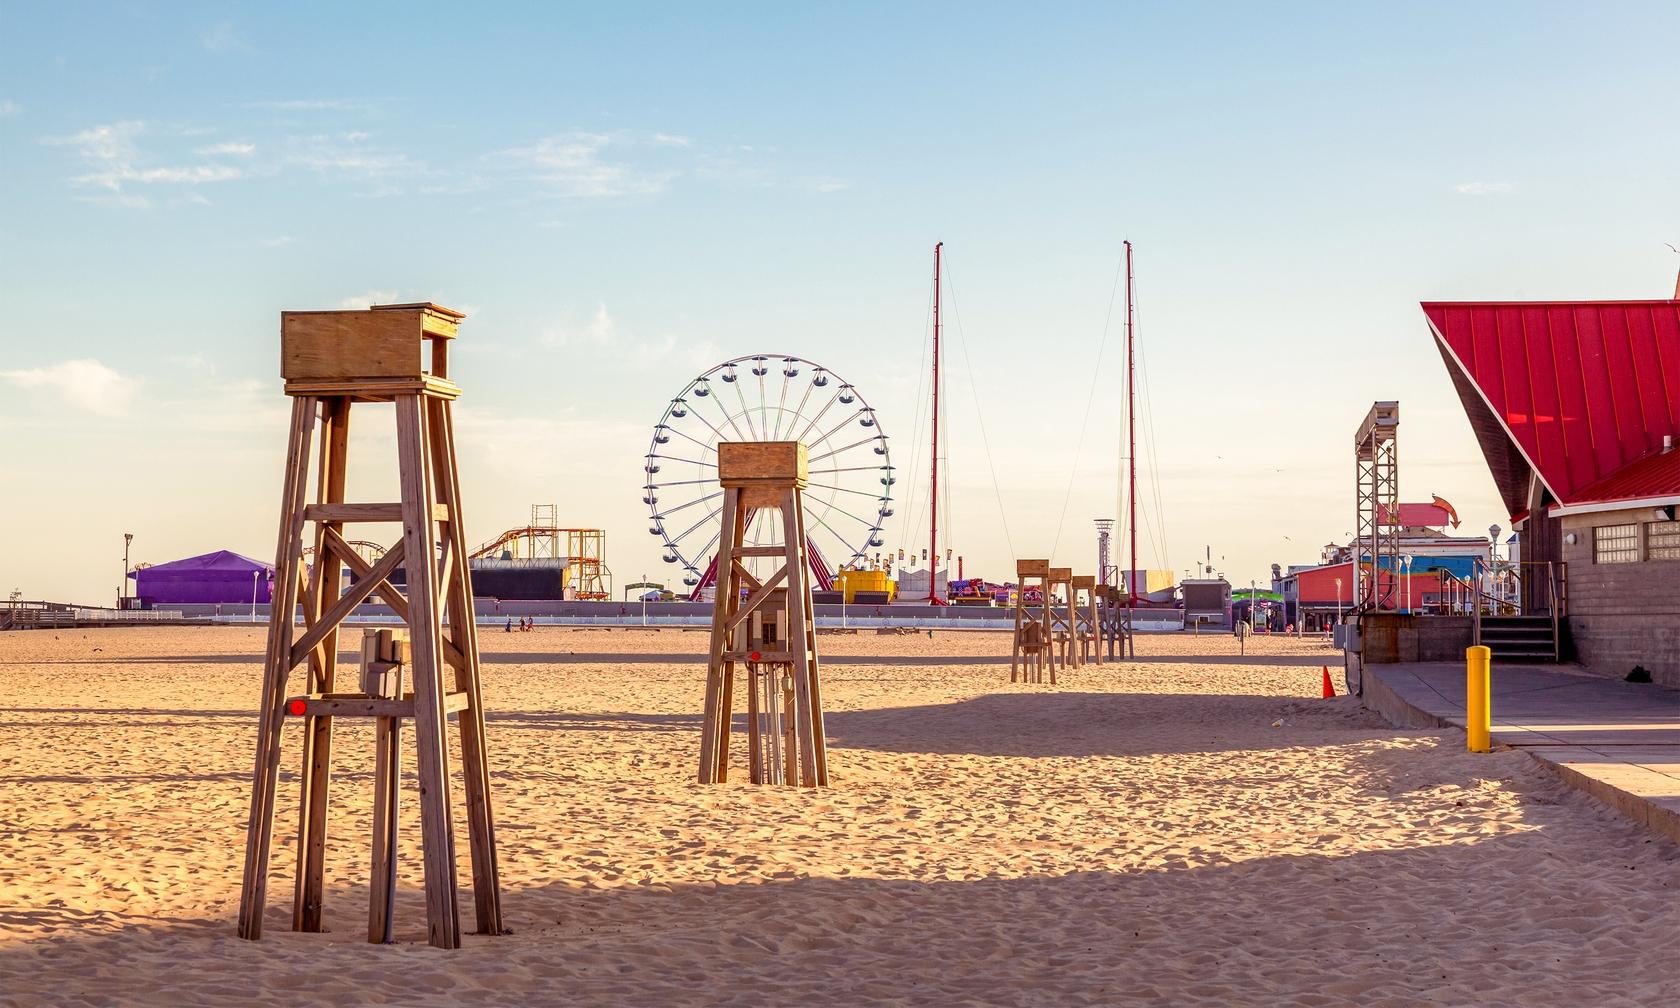 Vacation rental beach houses in Ocean City